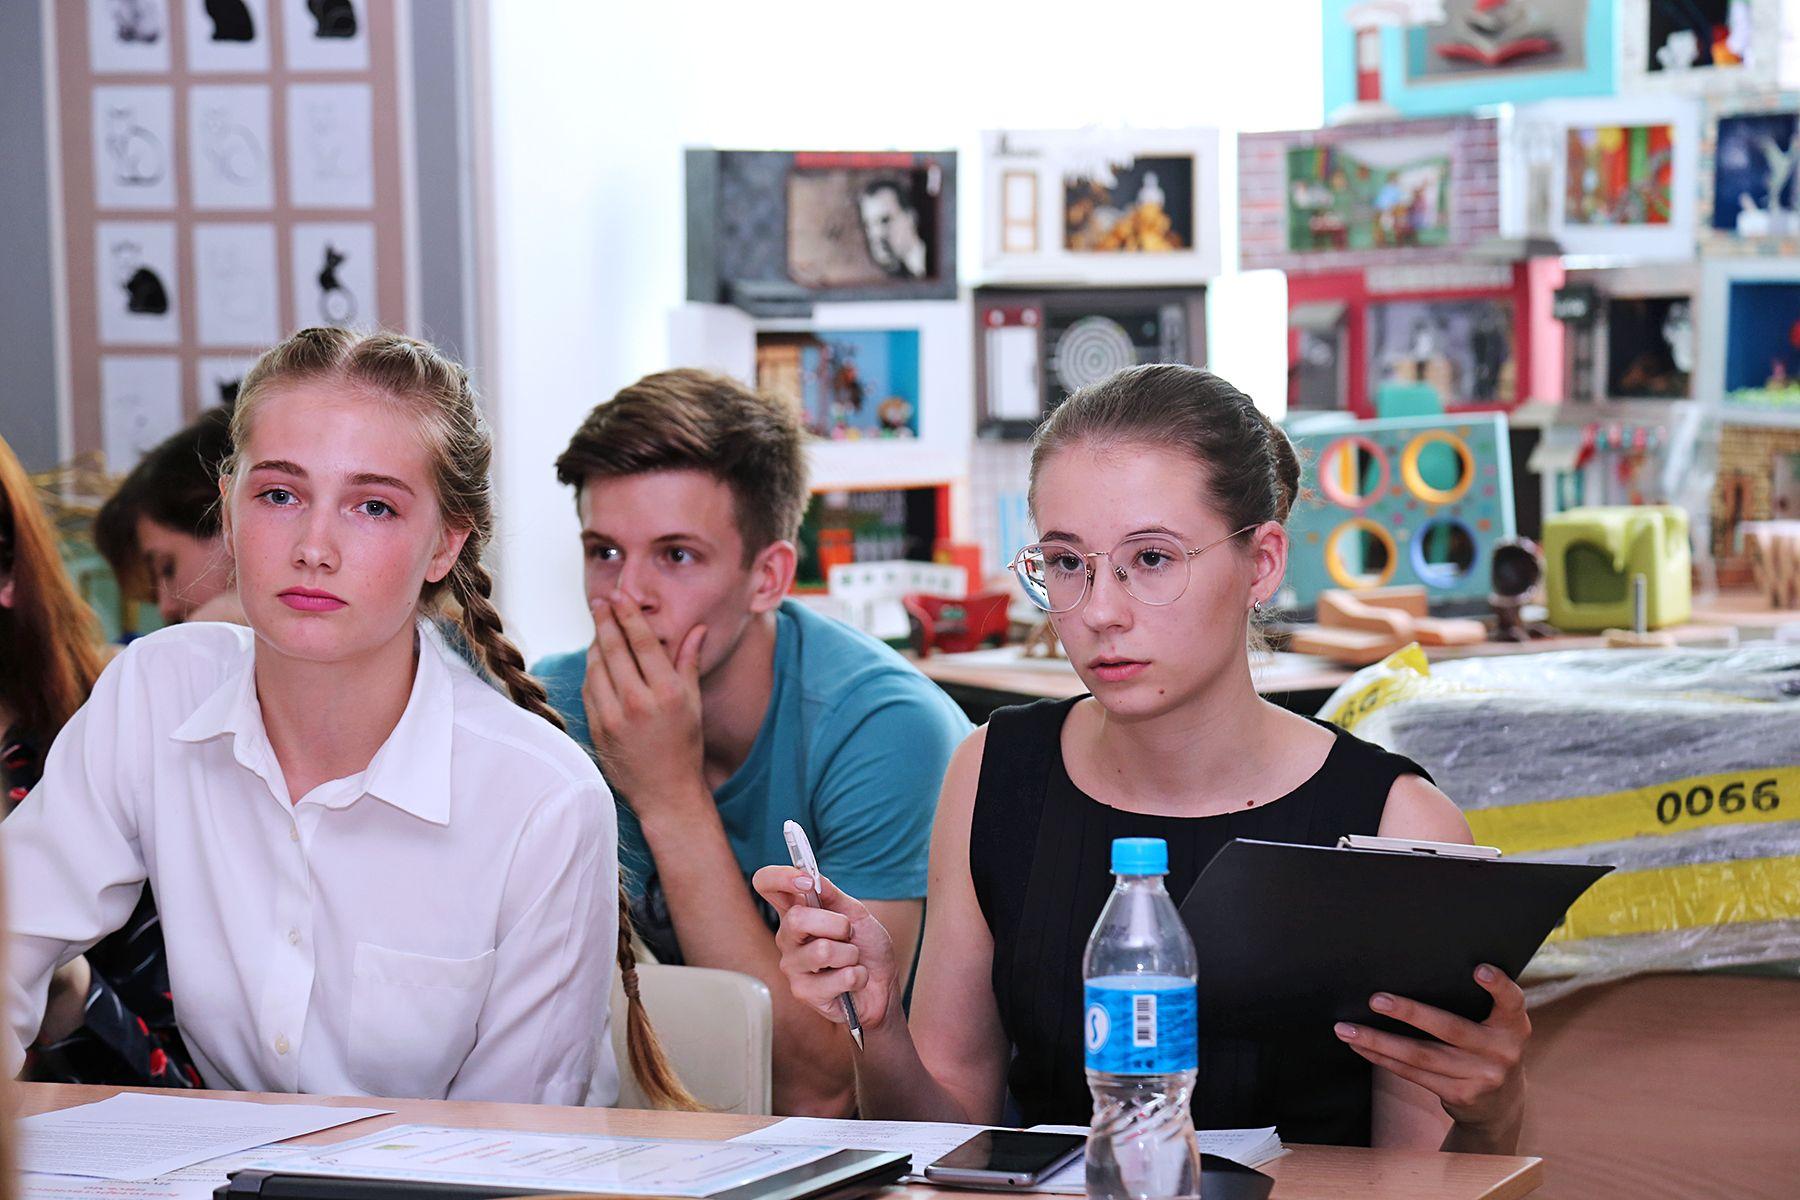 Дипломные проекты по заказу Думы г. Владивостока: студенты-дизайнеры ВГУЭС разработали интерьеры помещений объекта культурного наследия